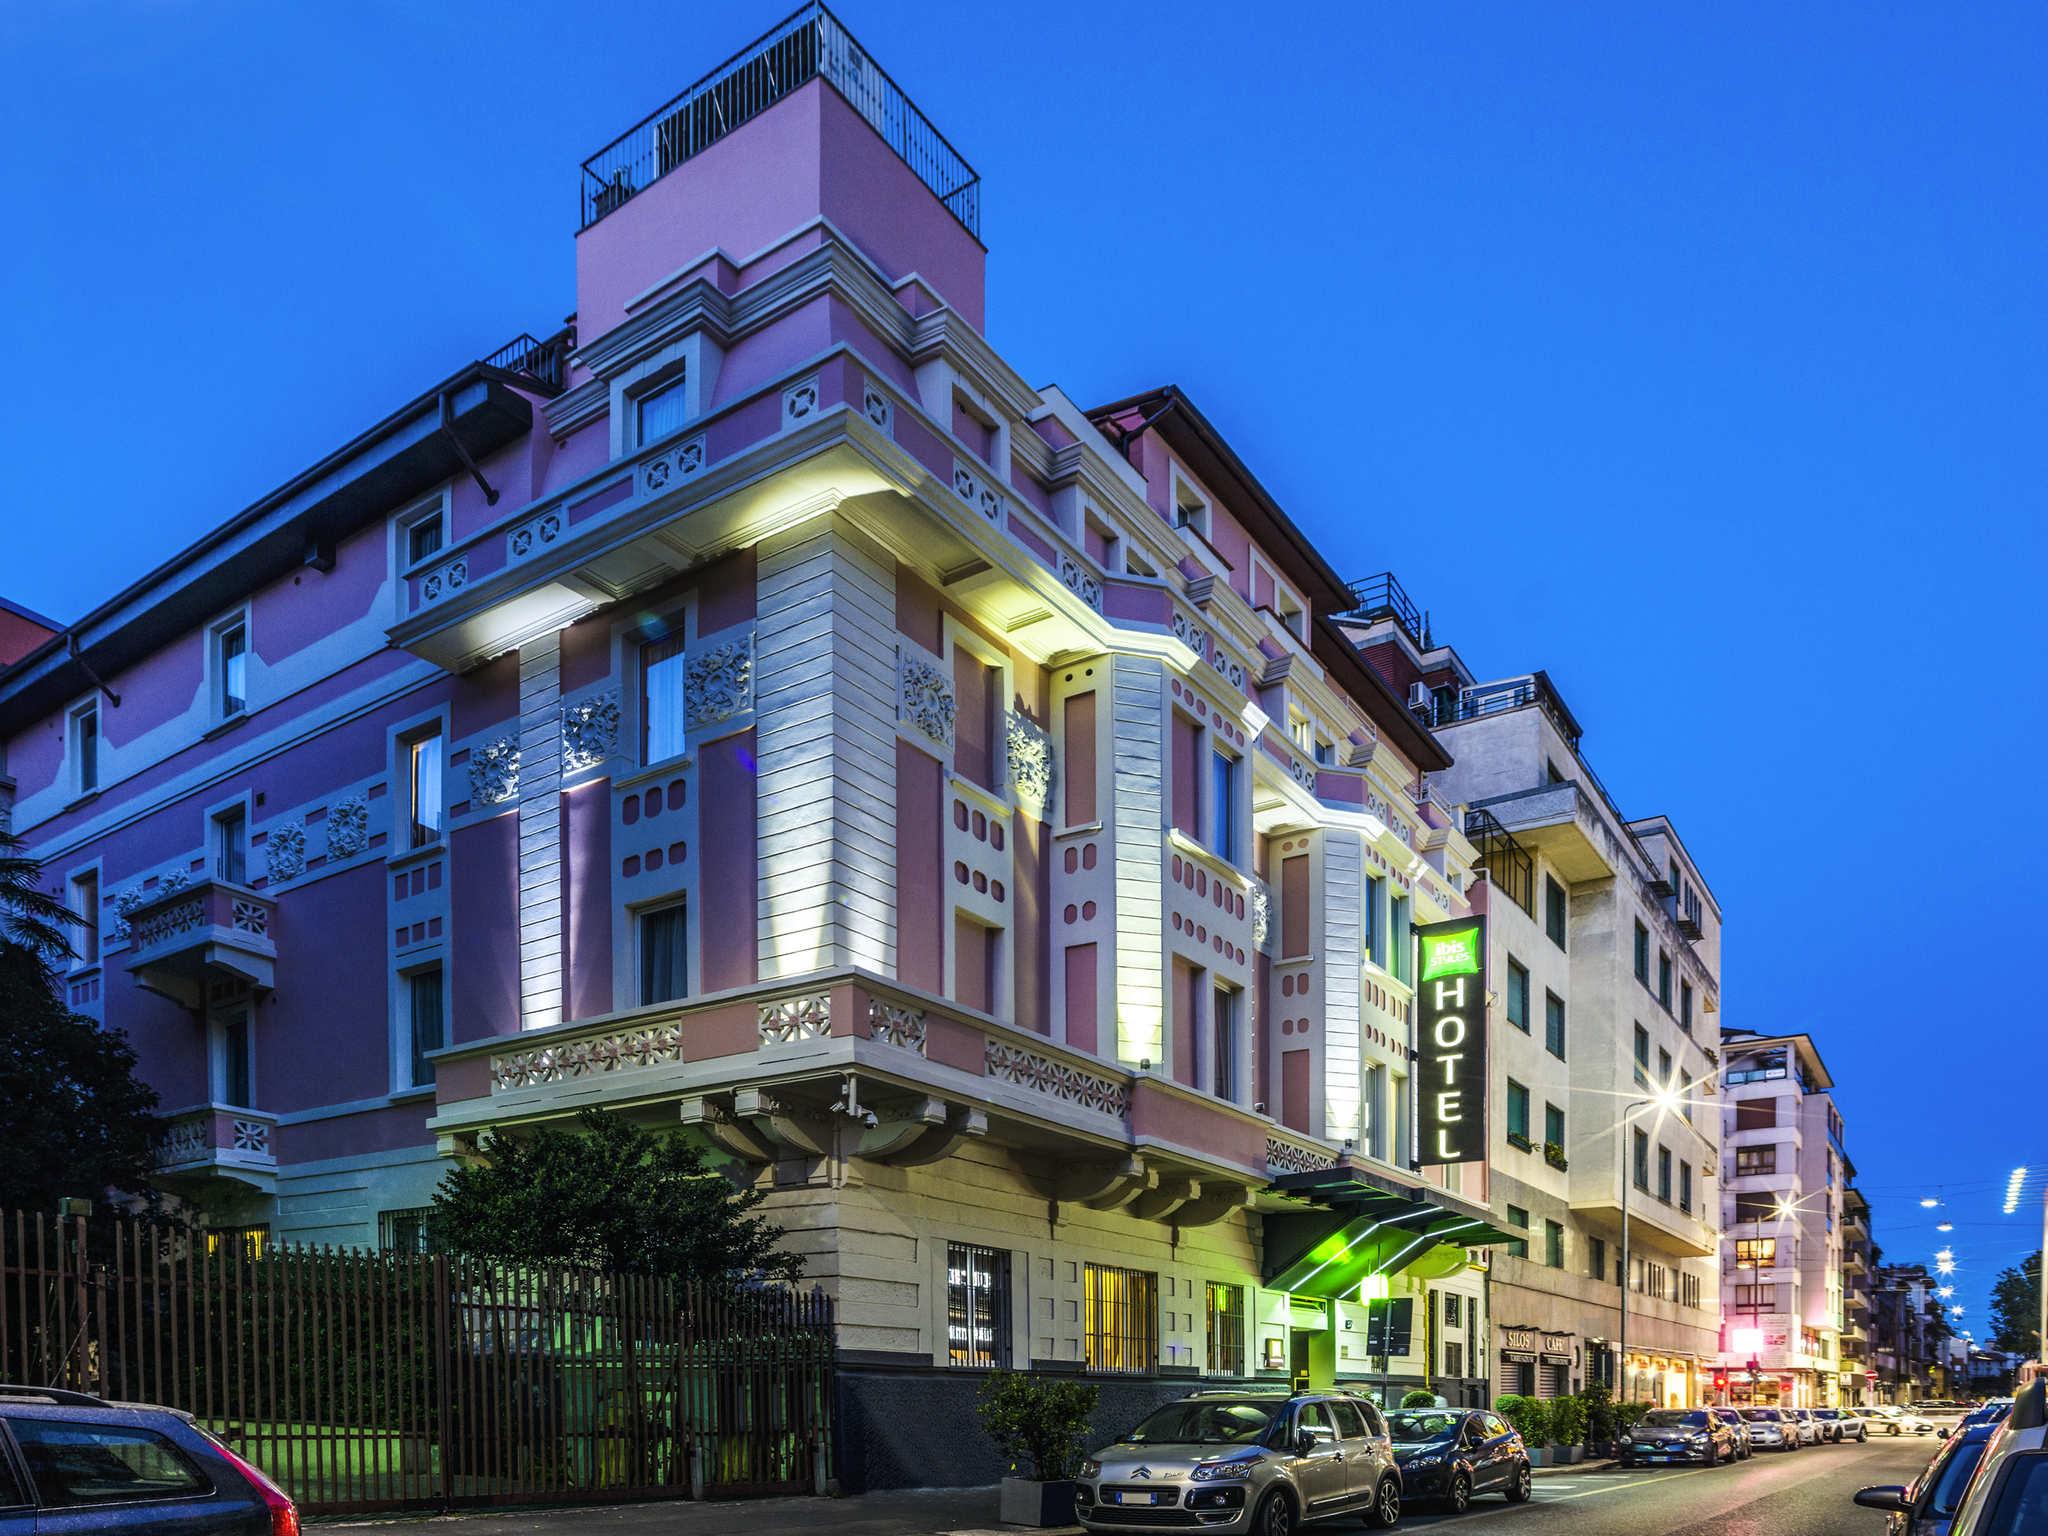 فندق - فندق إيبيس ستايلز ibis Styles ميلانو سنترو